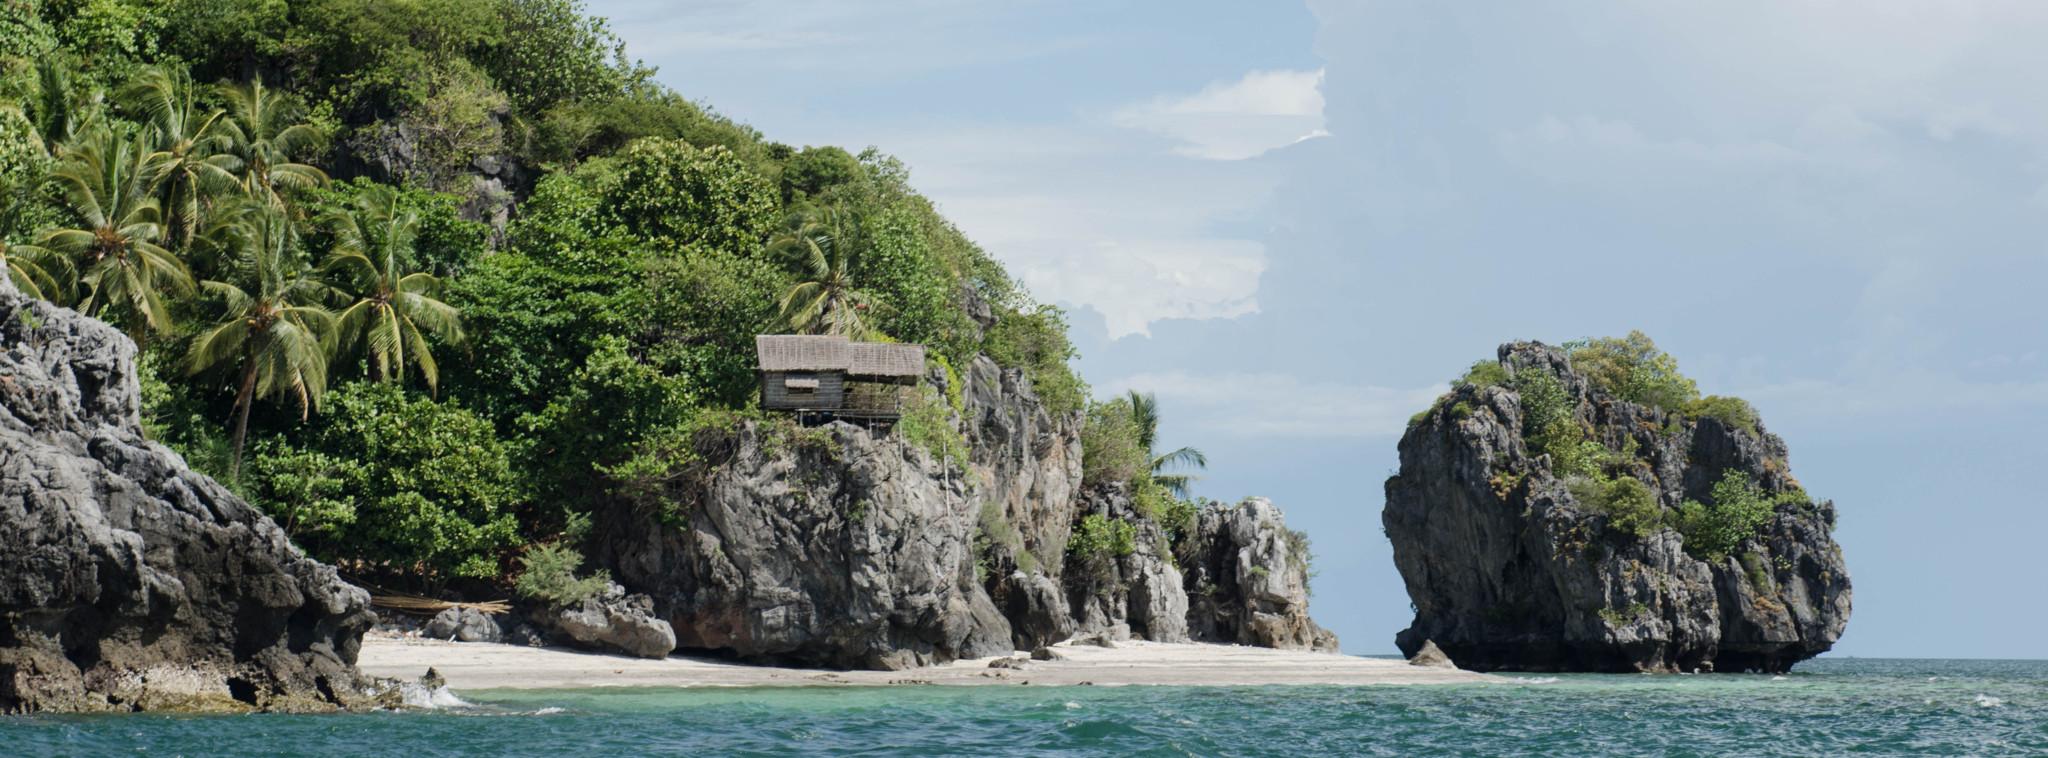 Reisetipps für Chumphon Thailand